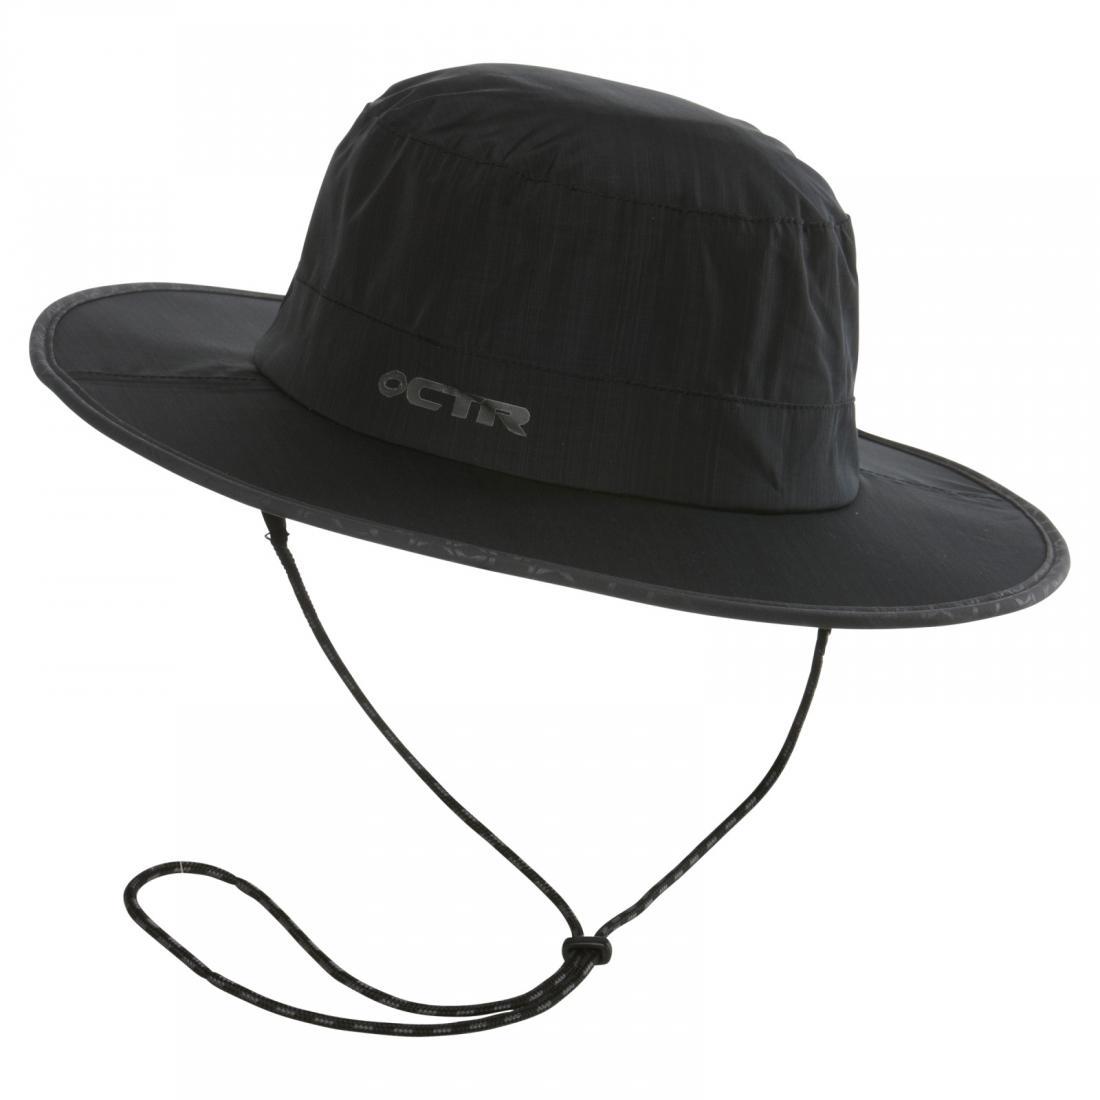 Панама Chaos  Stratus Boat HatПанамы<br><br> Удобная панама классической формы Stratus Boat Hat — это стильное решение для путешественников от фирмы Chaos. Она пригодится вам в любую погоду — и в дождь, и в солнечный день. Лаконичный дизайн позволяет носить эту модель как мужчинам, так и женщ...<br><br>Цвет: Черный<br>Размер: S-M